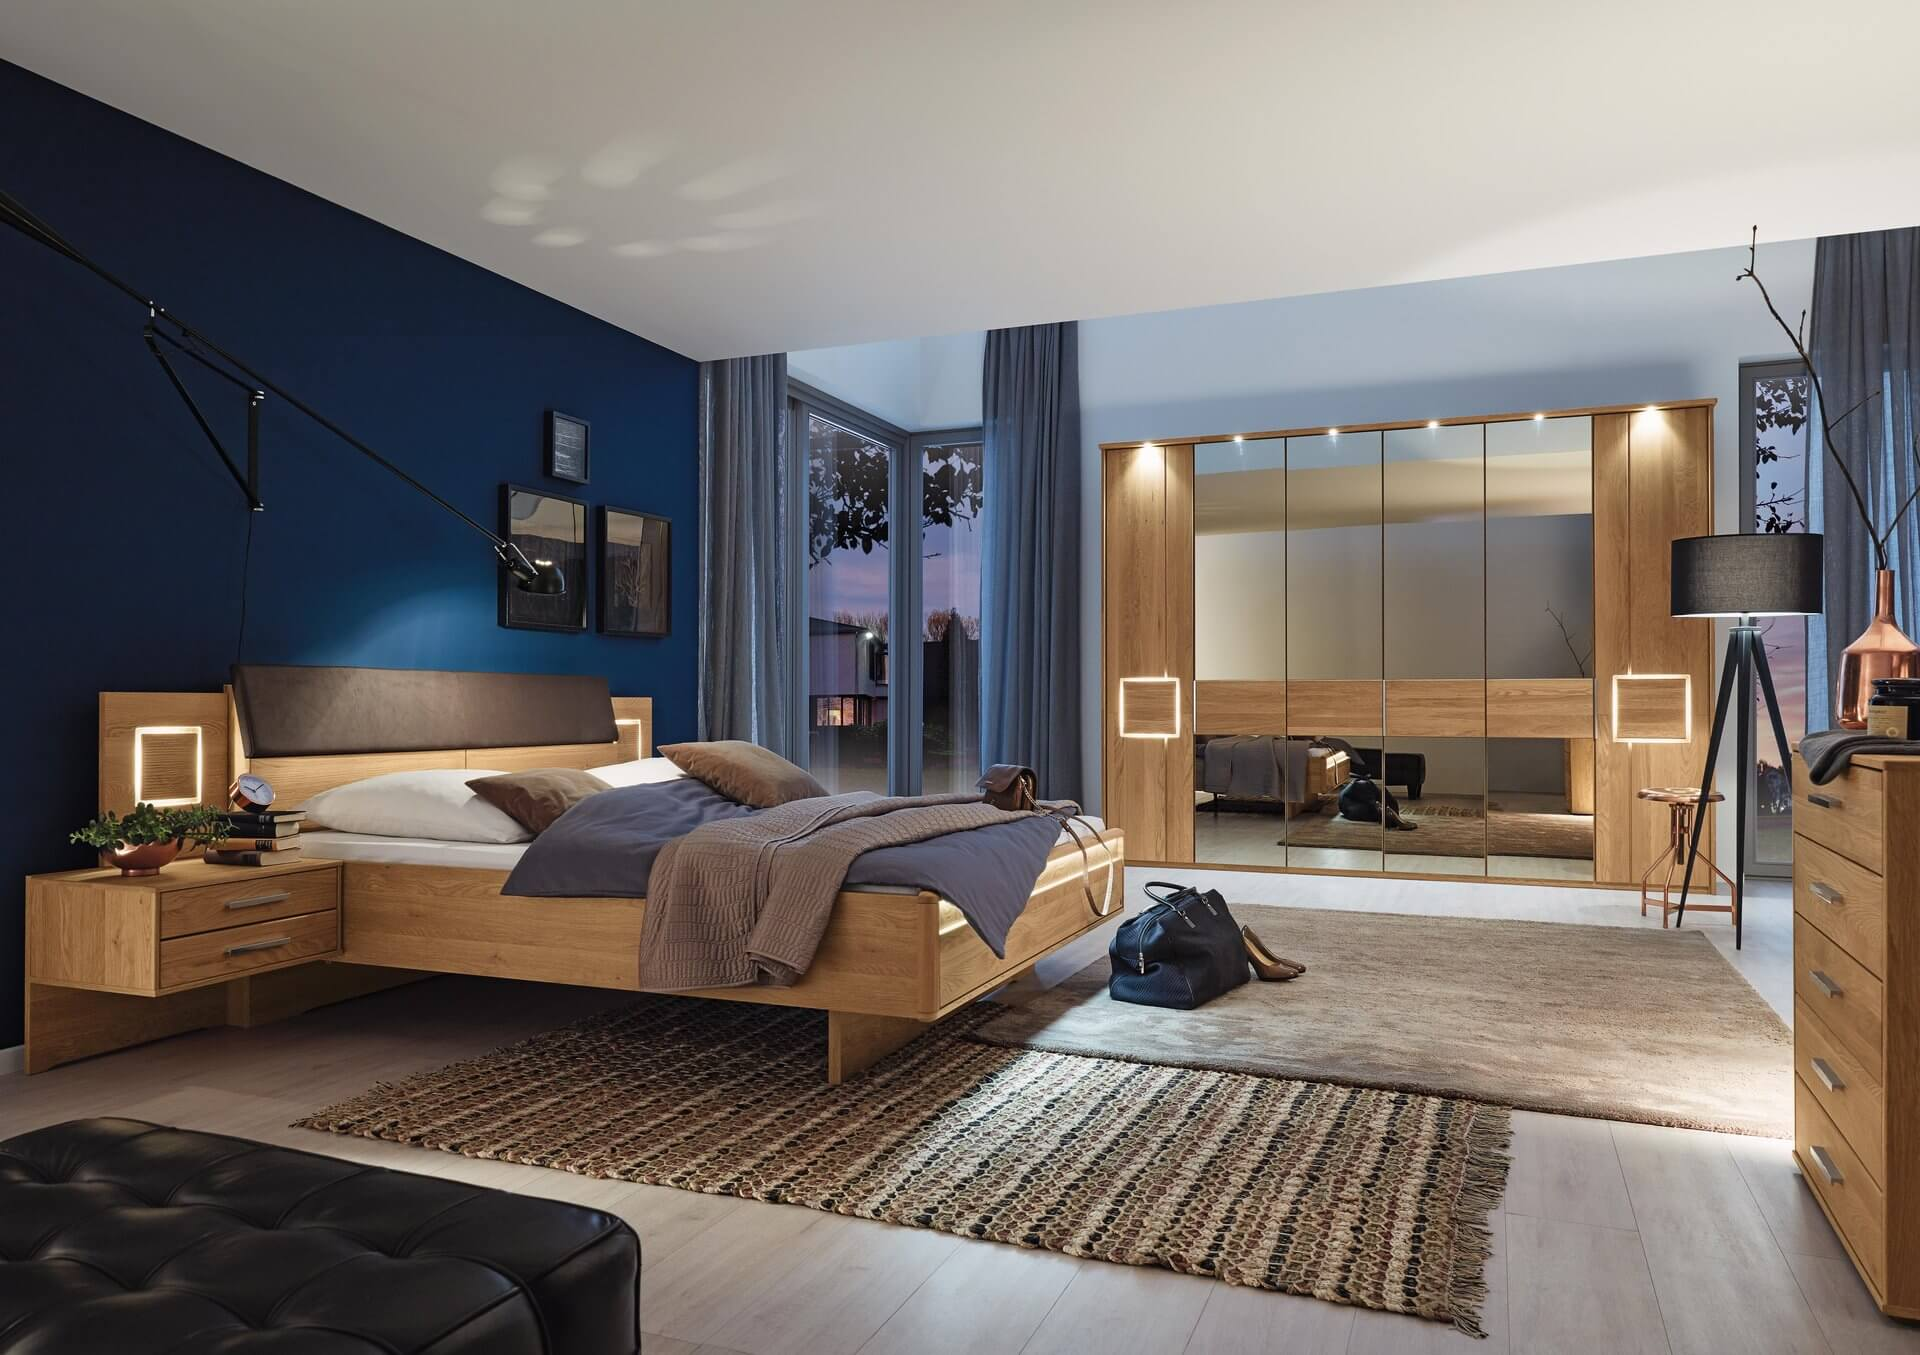 Full Size of Ausgefallene Schlafzimmer Samoa Musterring Landhausstil Weiß Wandbilder Betten Komplette Regal Deckenlampe Romantische Günstig Stuhl Tapeten Deckenleuchte Wohnzimmer Ausgefallene Schlafzimmer